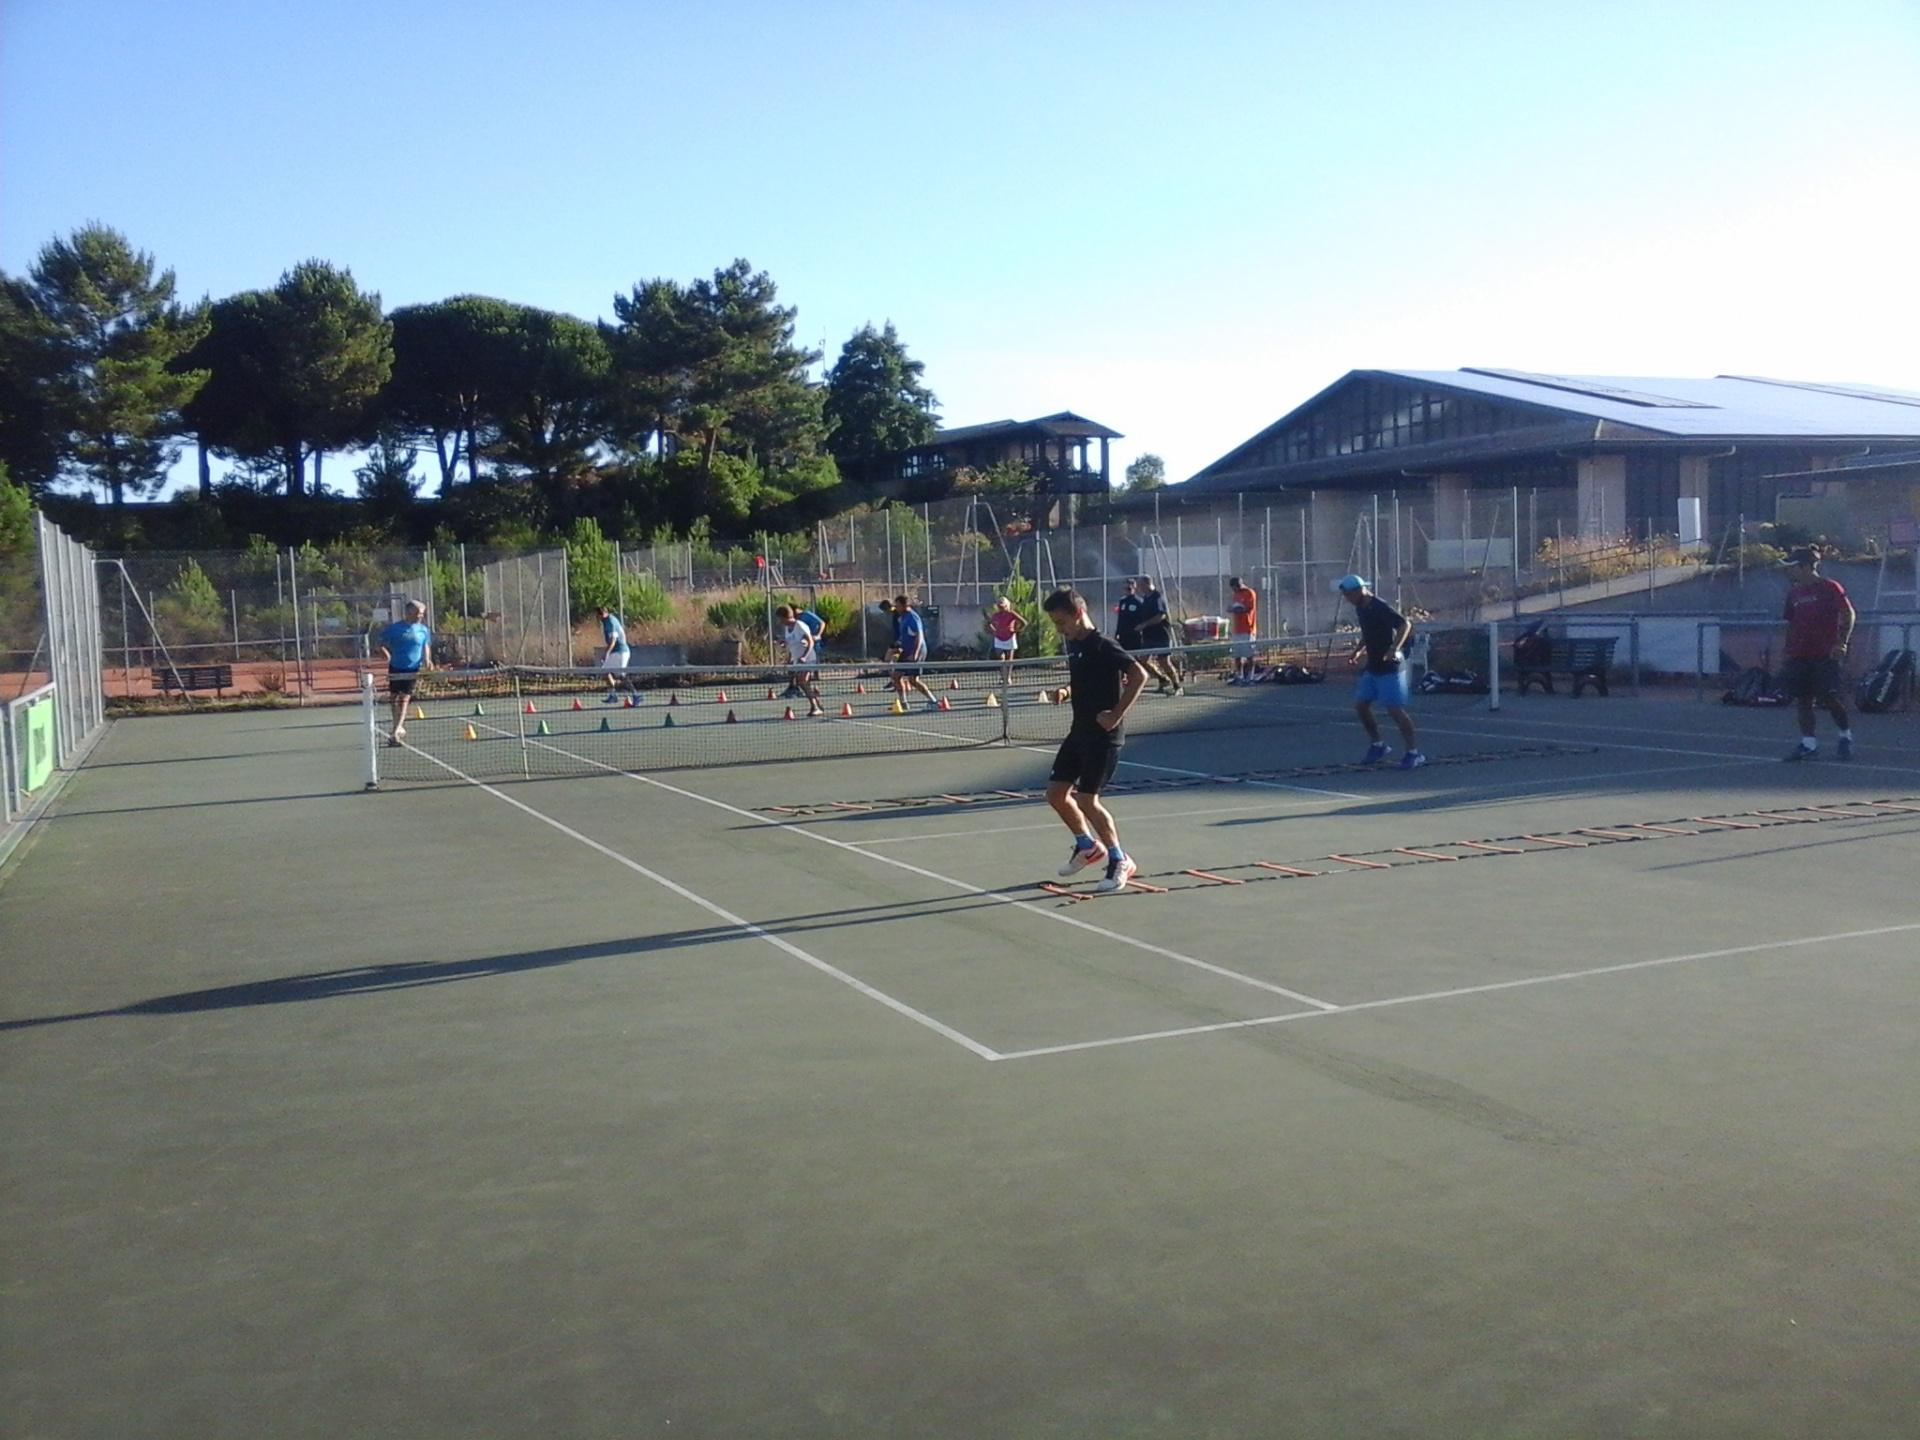 Profitez de vos vacances pour vous remettre en forme et participer au stage adulte du tennis de moliets    Du tennis de Moliets qui propose la location de courts à l'heure en dur, green-set, terre-battue, gazon couverts ou extérieurs. Des stages tennis